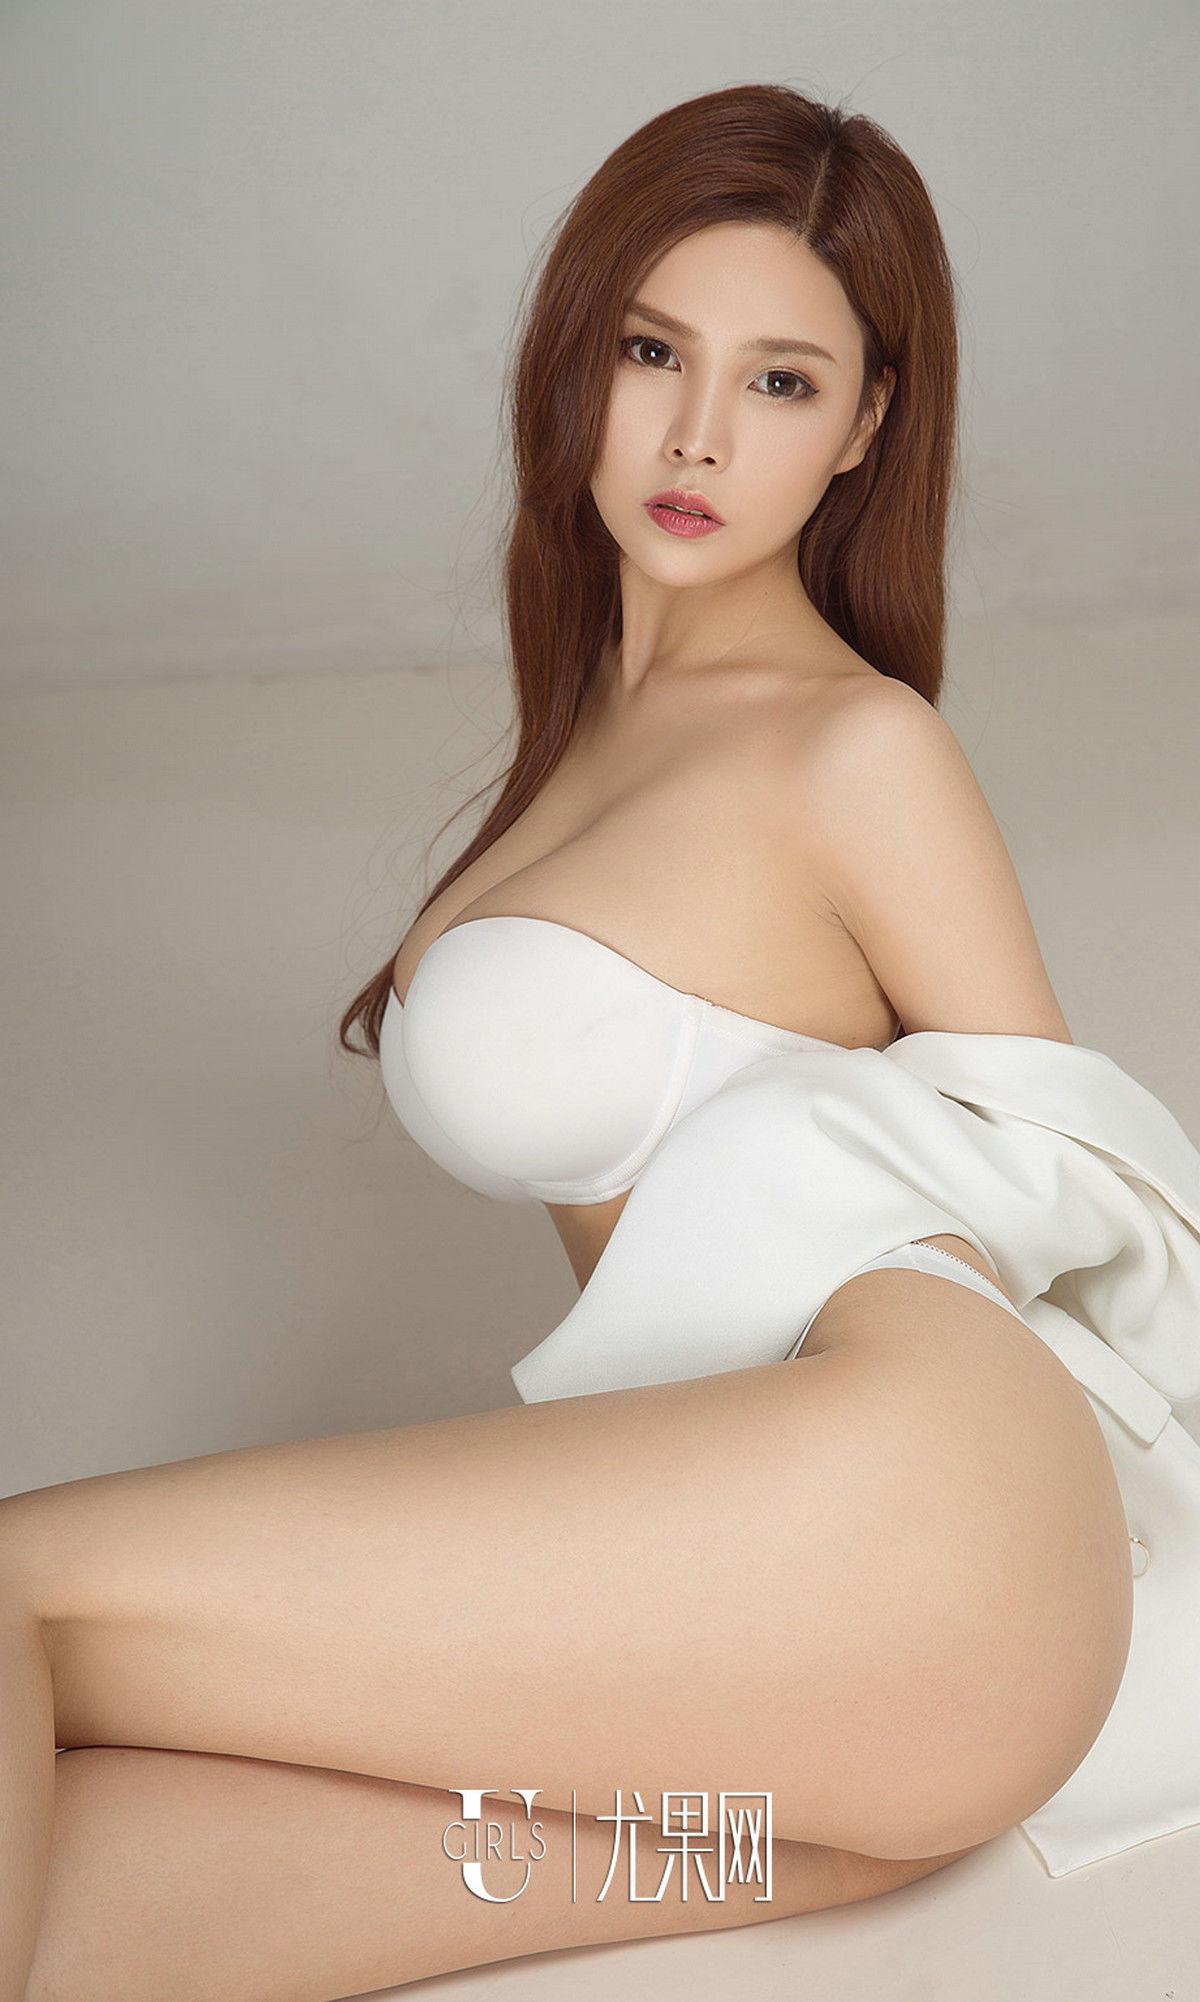 胡润曦 - 性感新曦望 写真套图